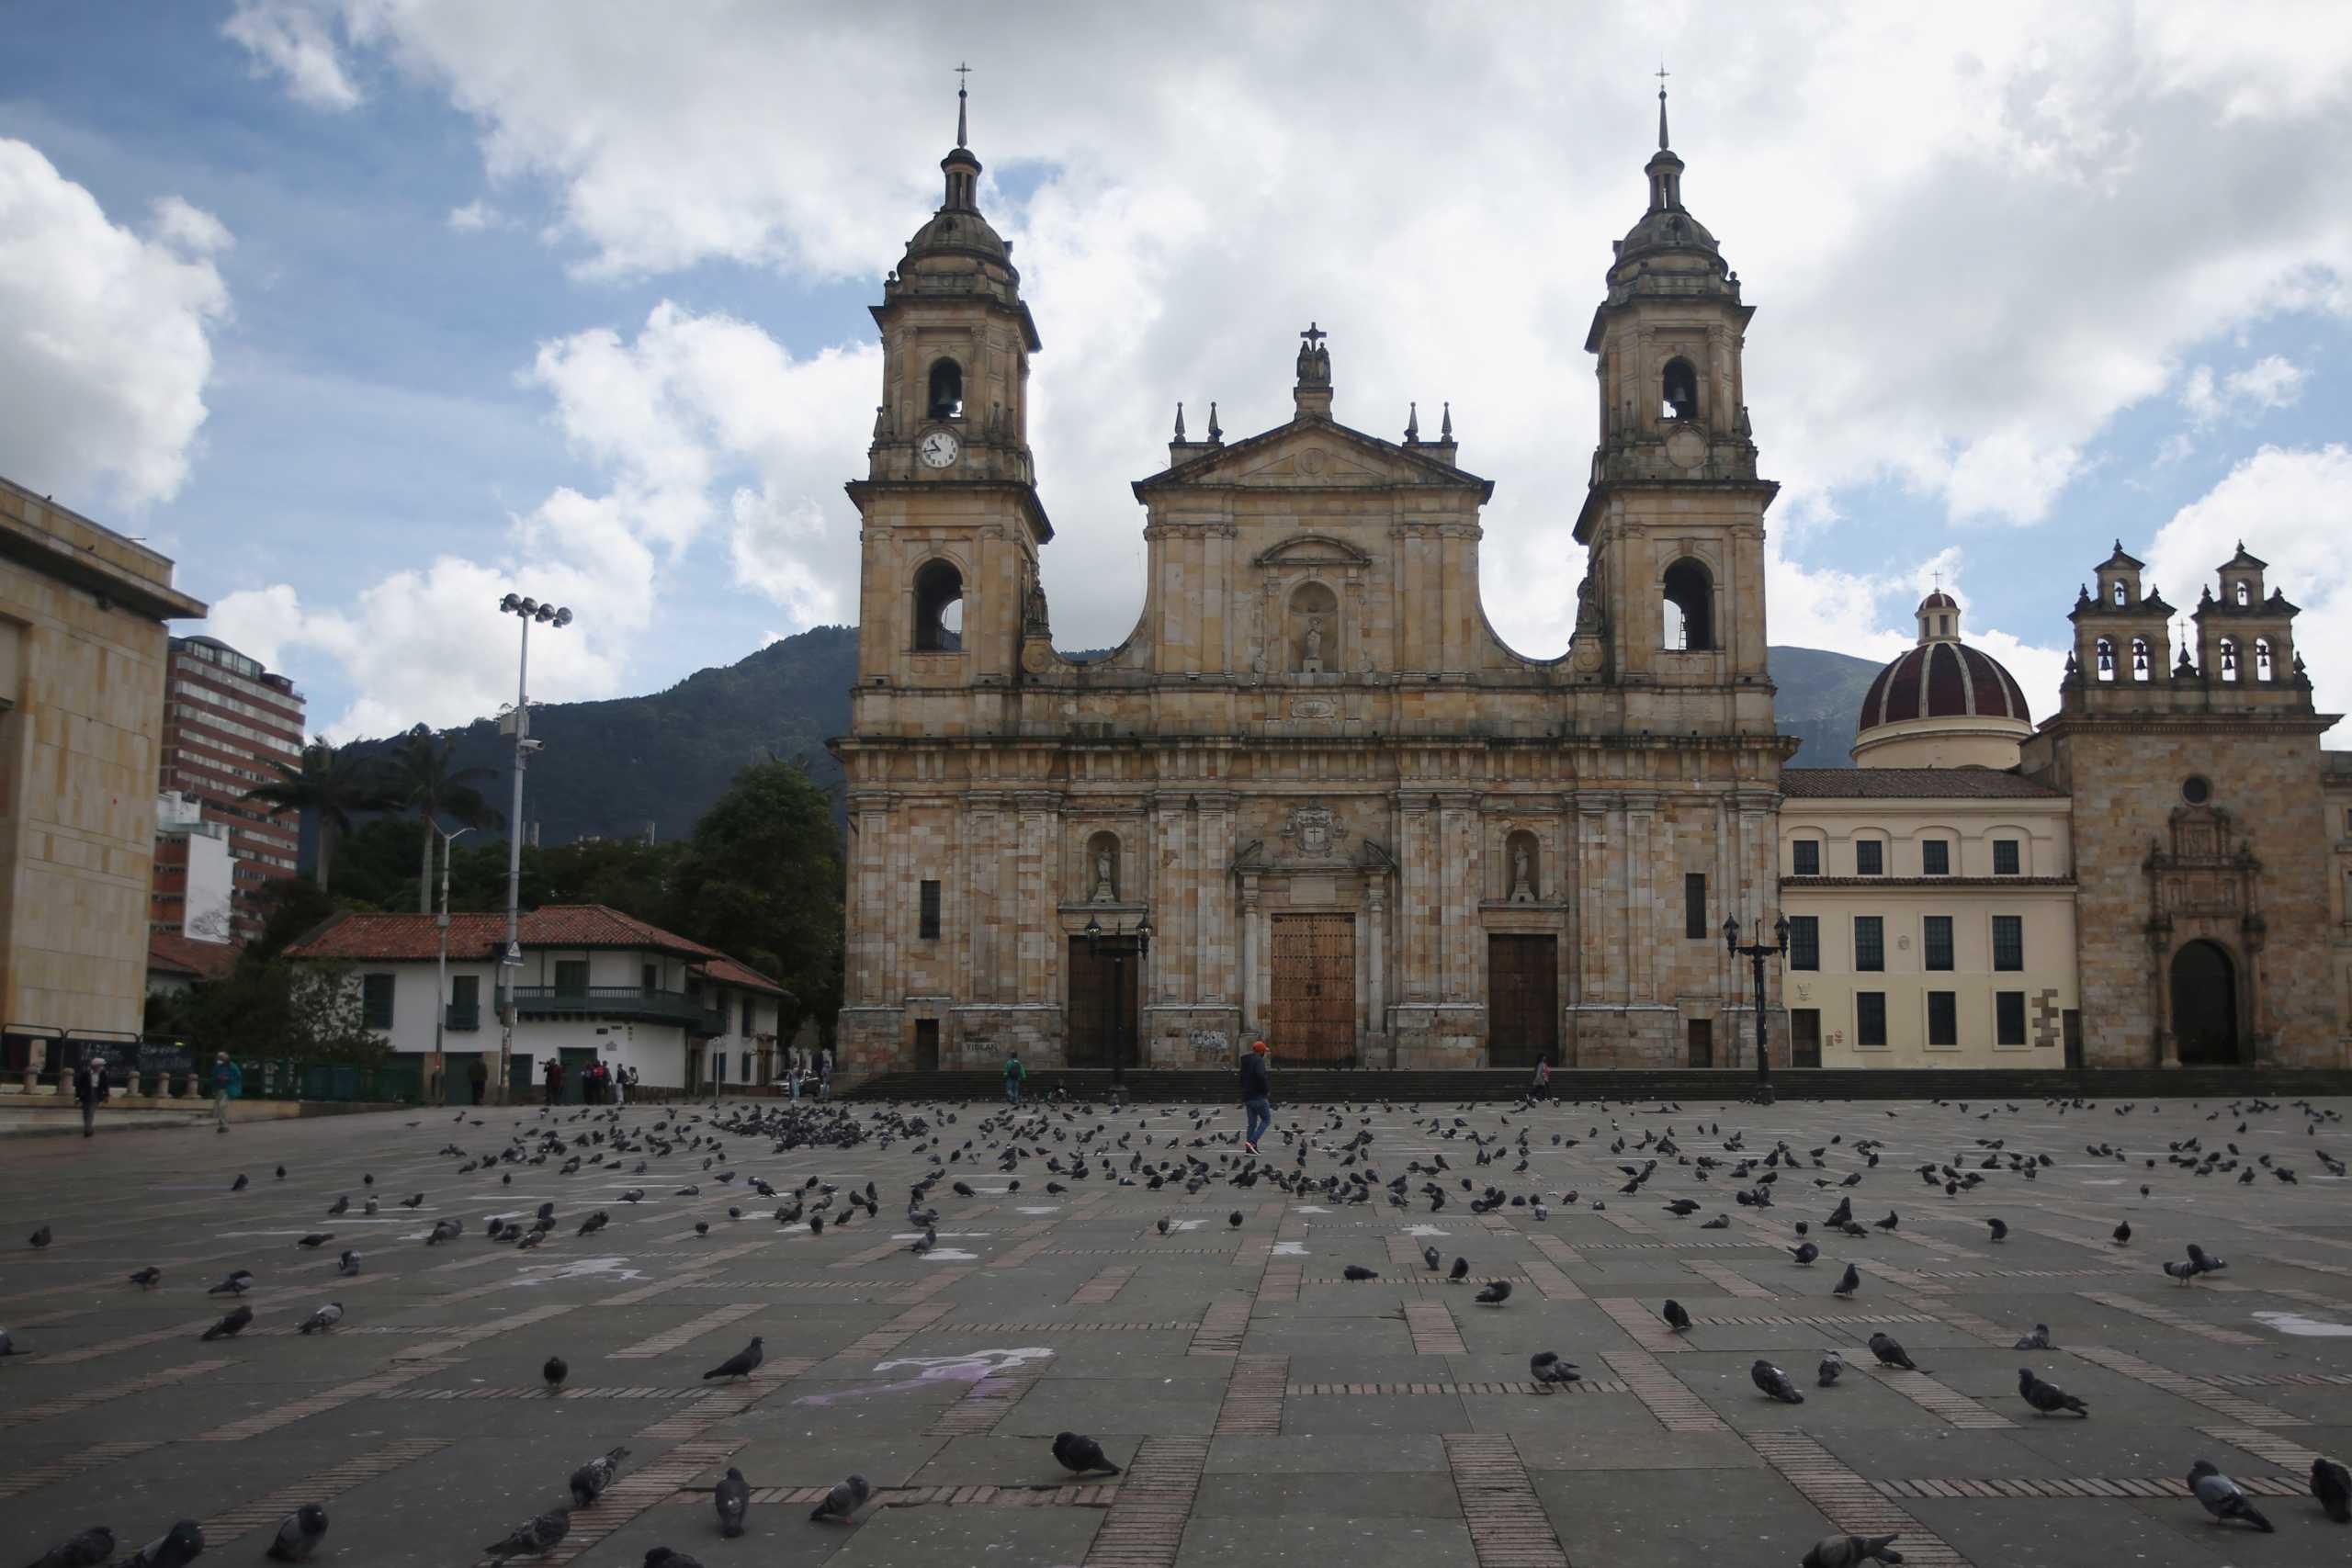 Κολομβία: Ξεπέρασαν τους 55.000 οι θάνατοι από κορονοϊού – Πάνω από 2,1 εκατομμύρια κρούσματα